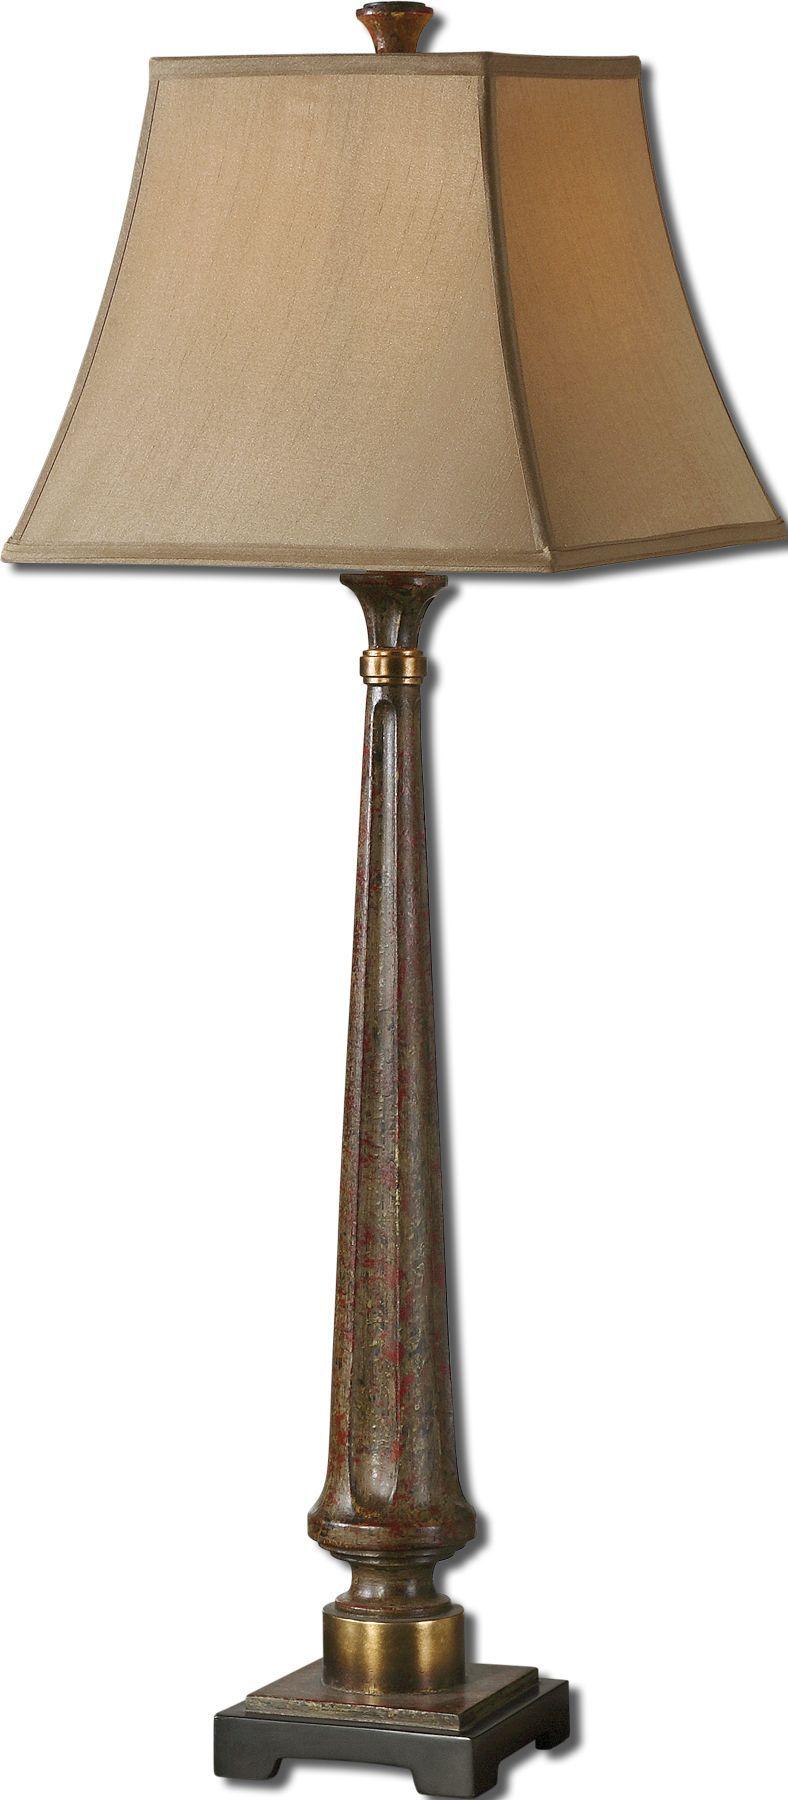 Uttermost Rittana Buffet Lamp 29315 Buffet Lamps Lamp